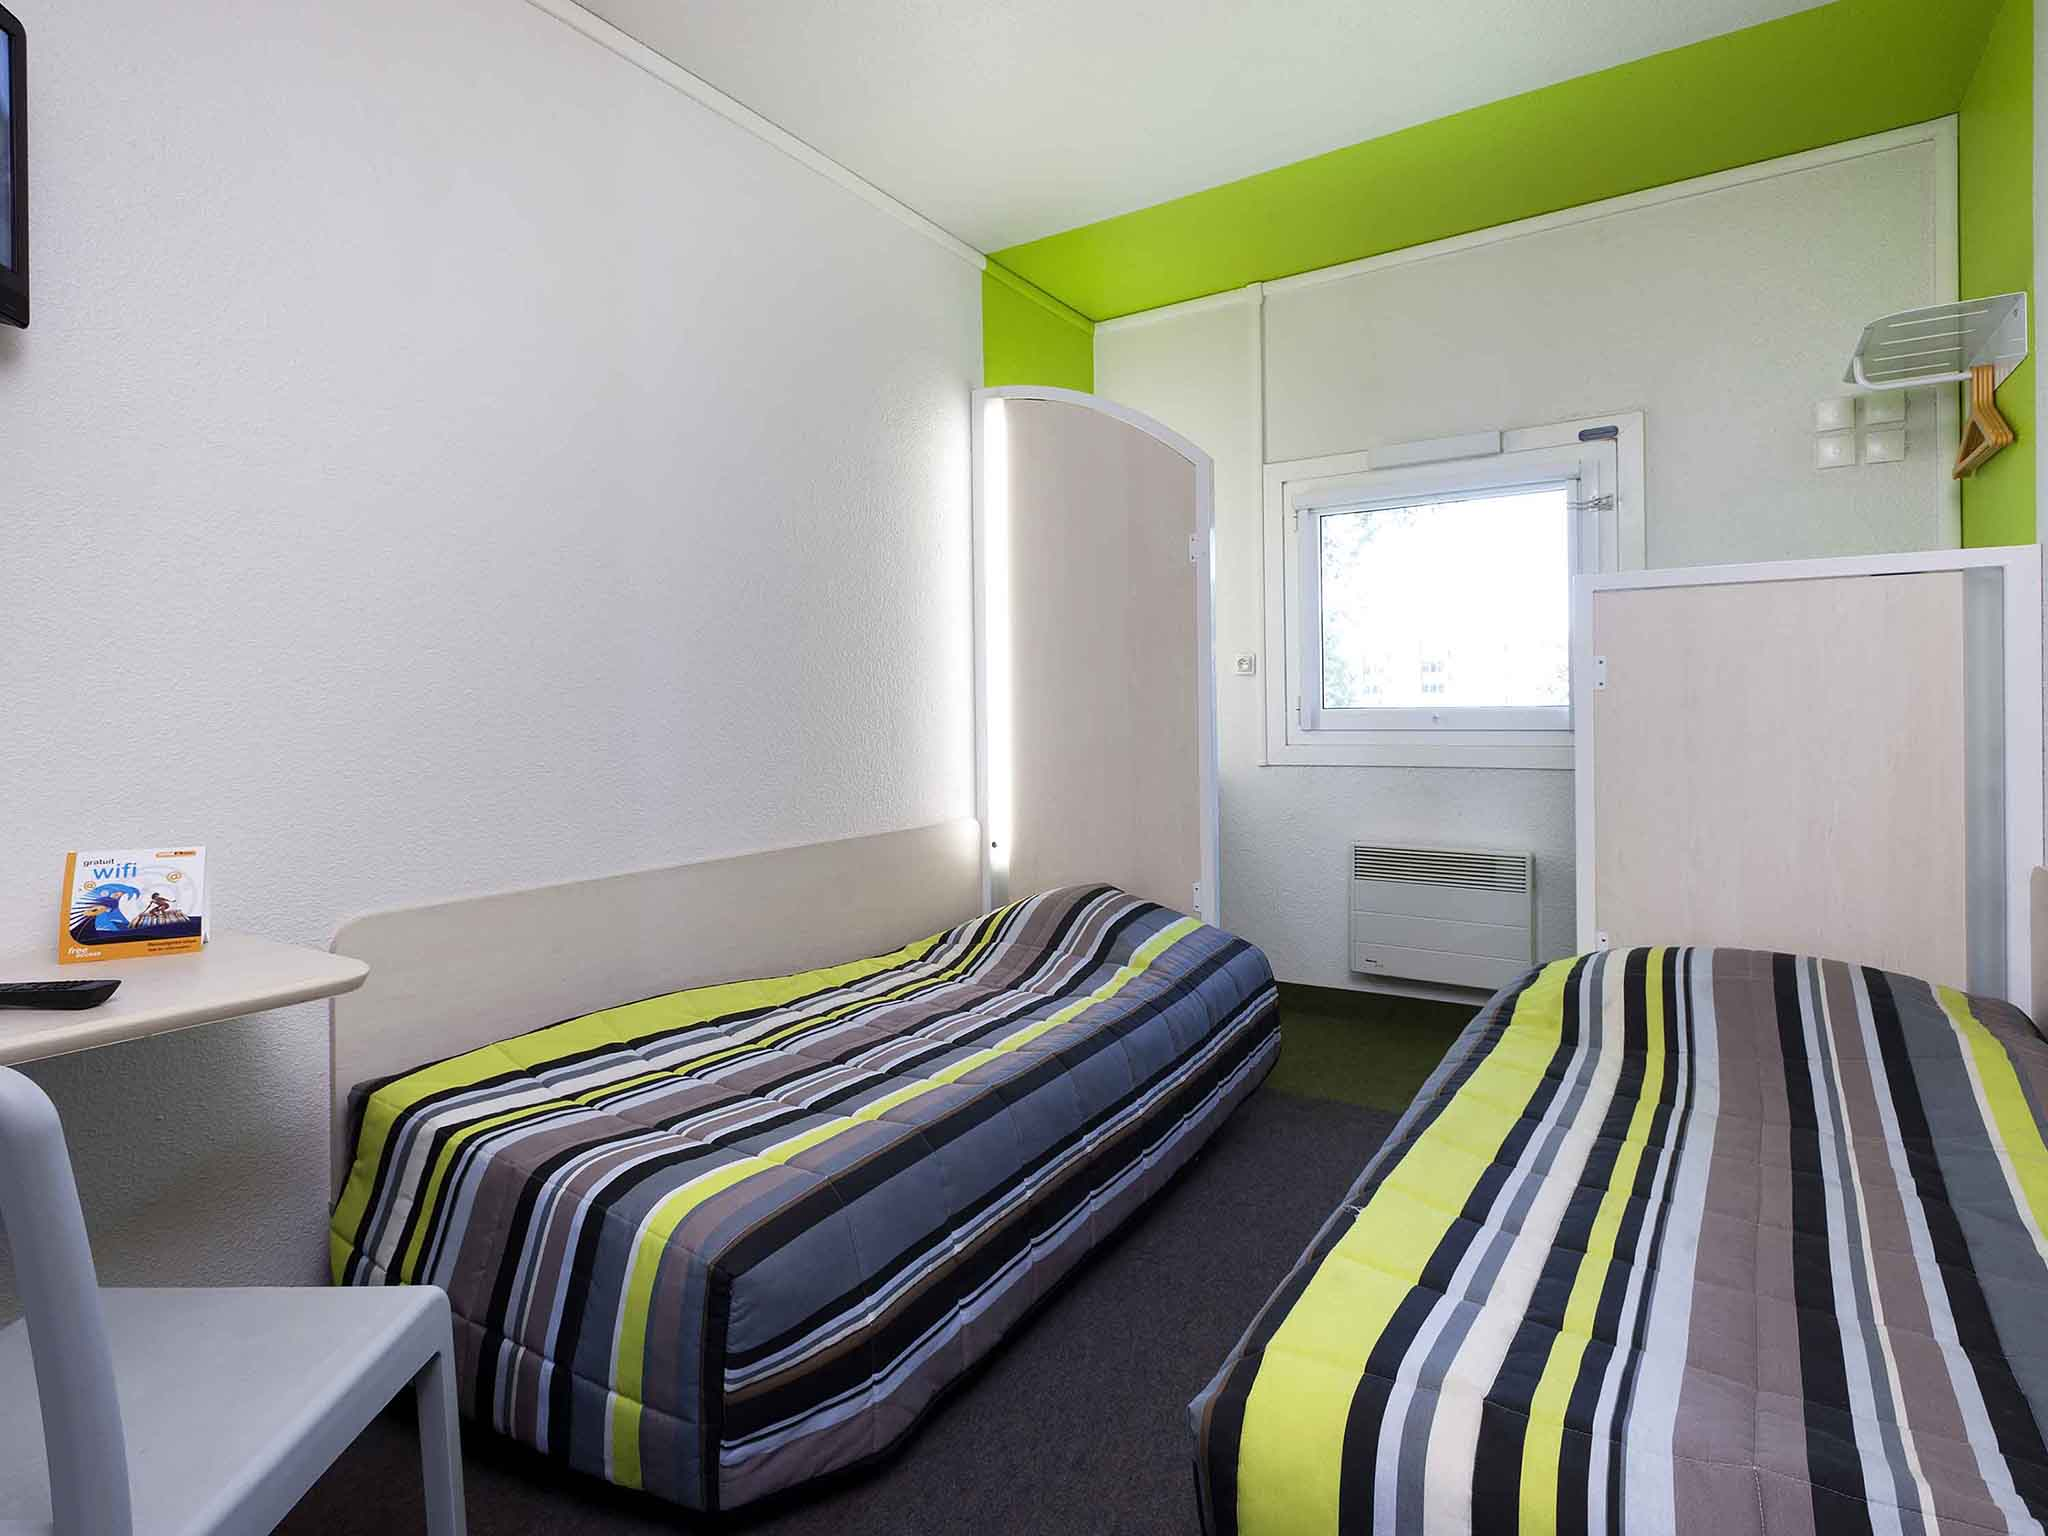 โรงแรม – hotelF1 Nevers Nord